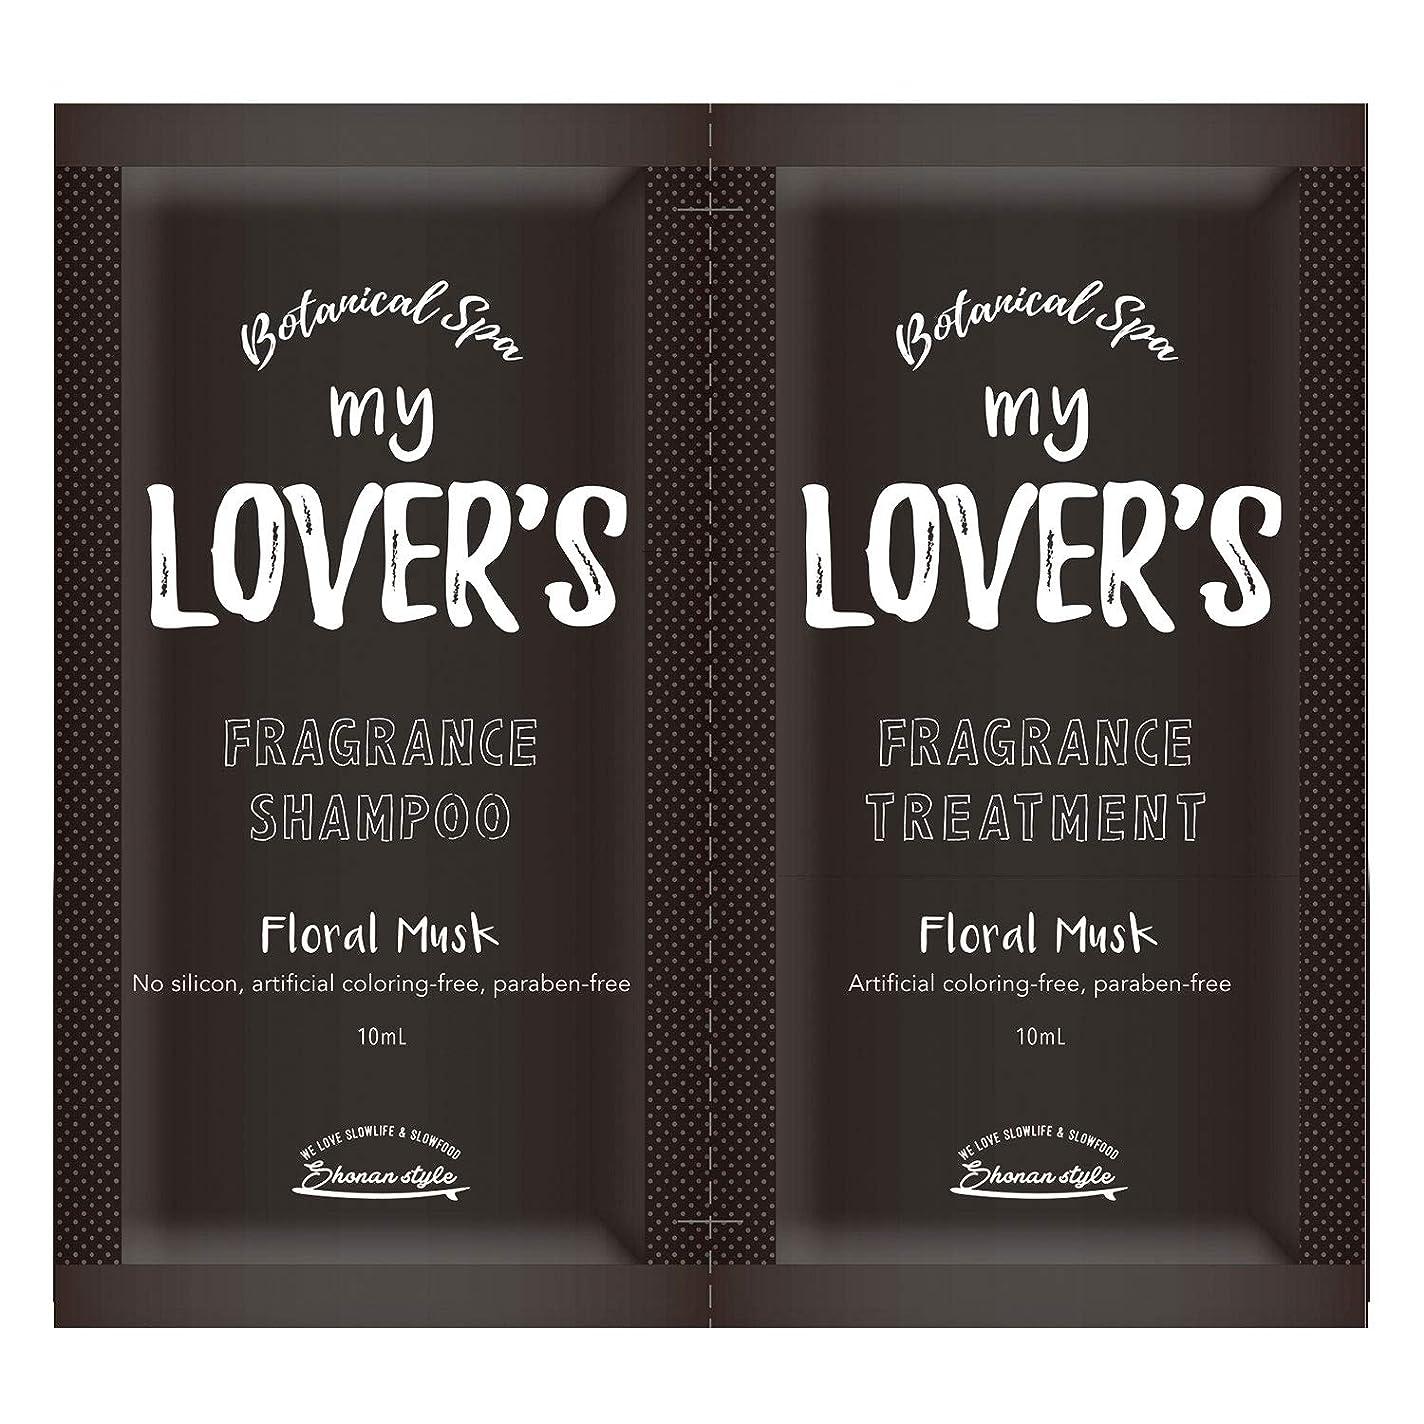 解凍する、雪解け、霜解け死結婚マイラヴァーズ お試し1回×8回分セット フローラルムスクの香り